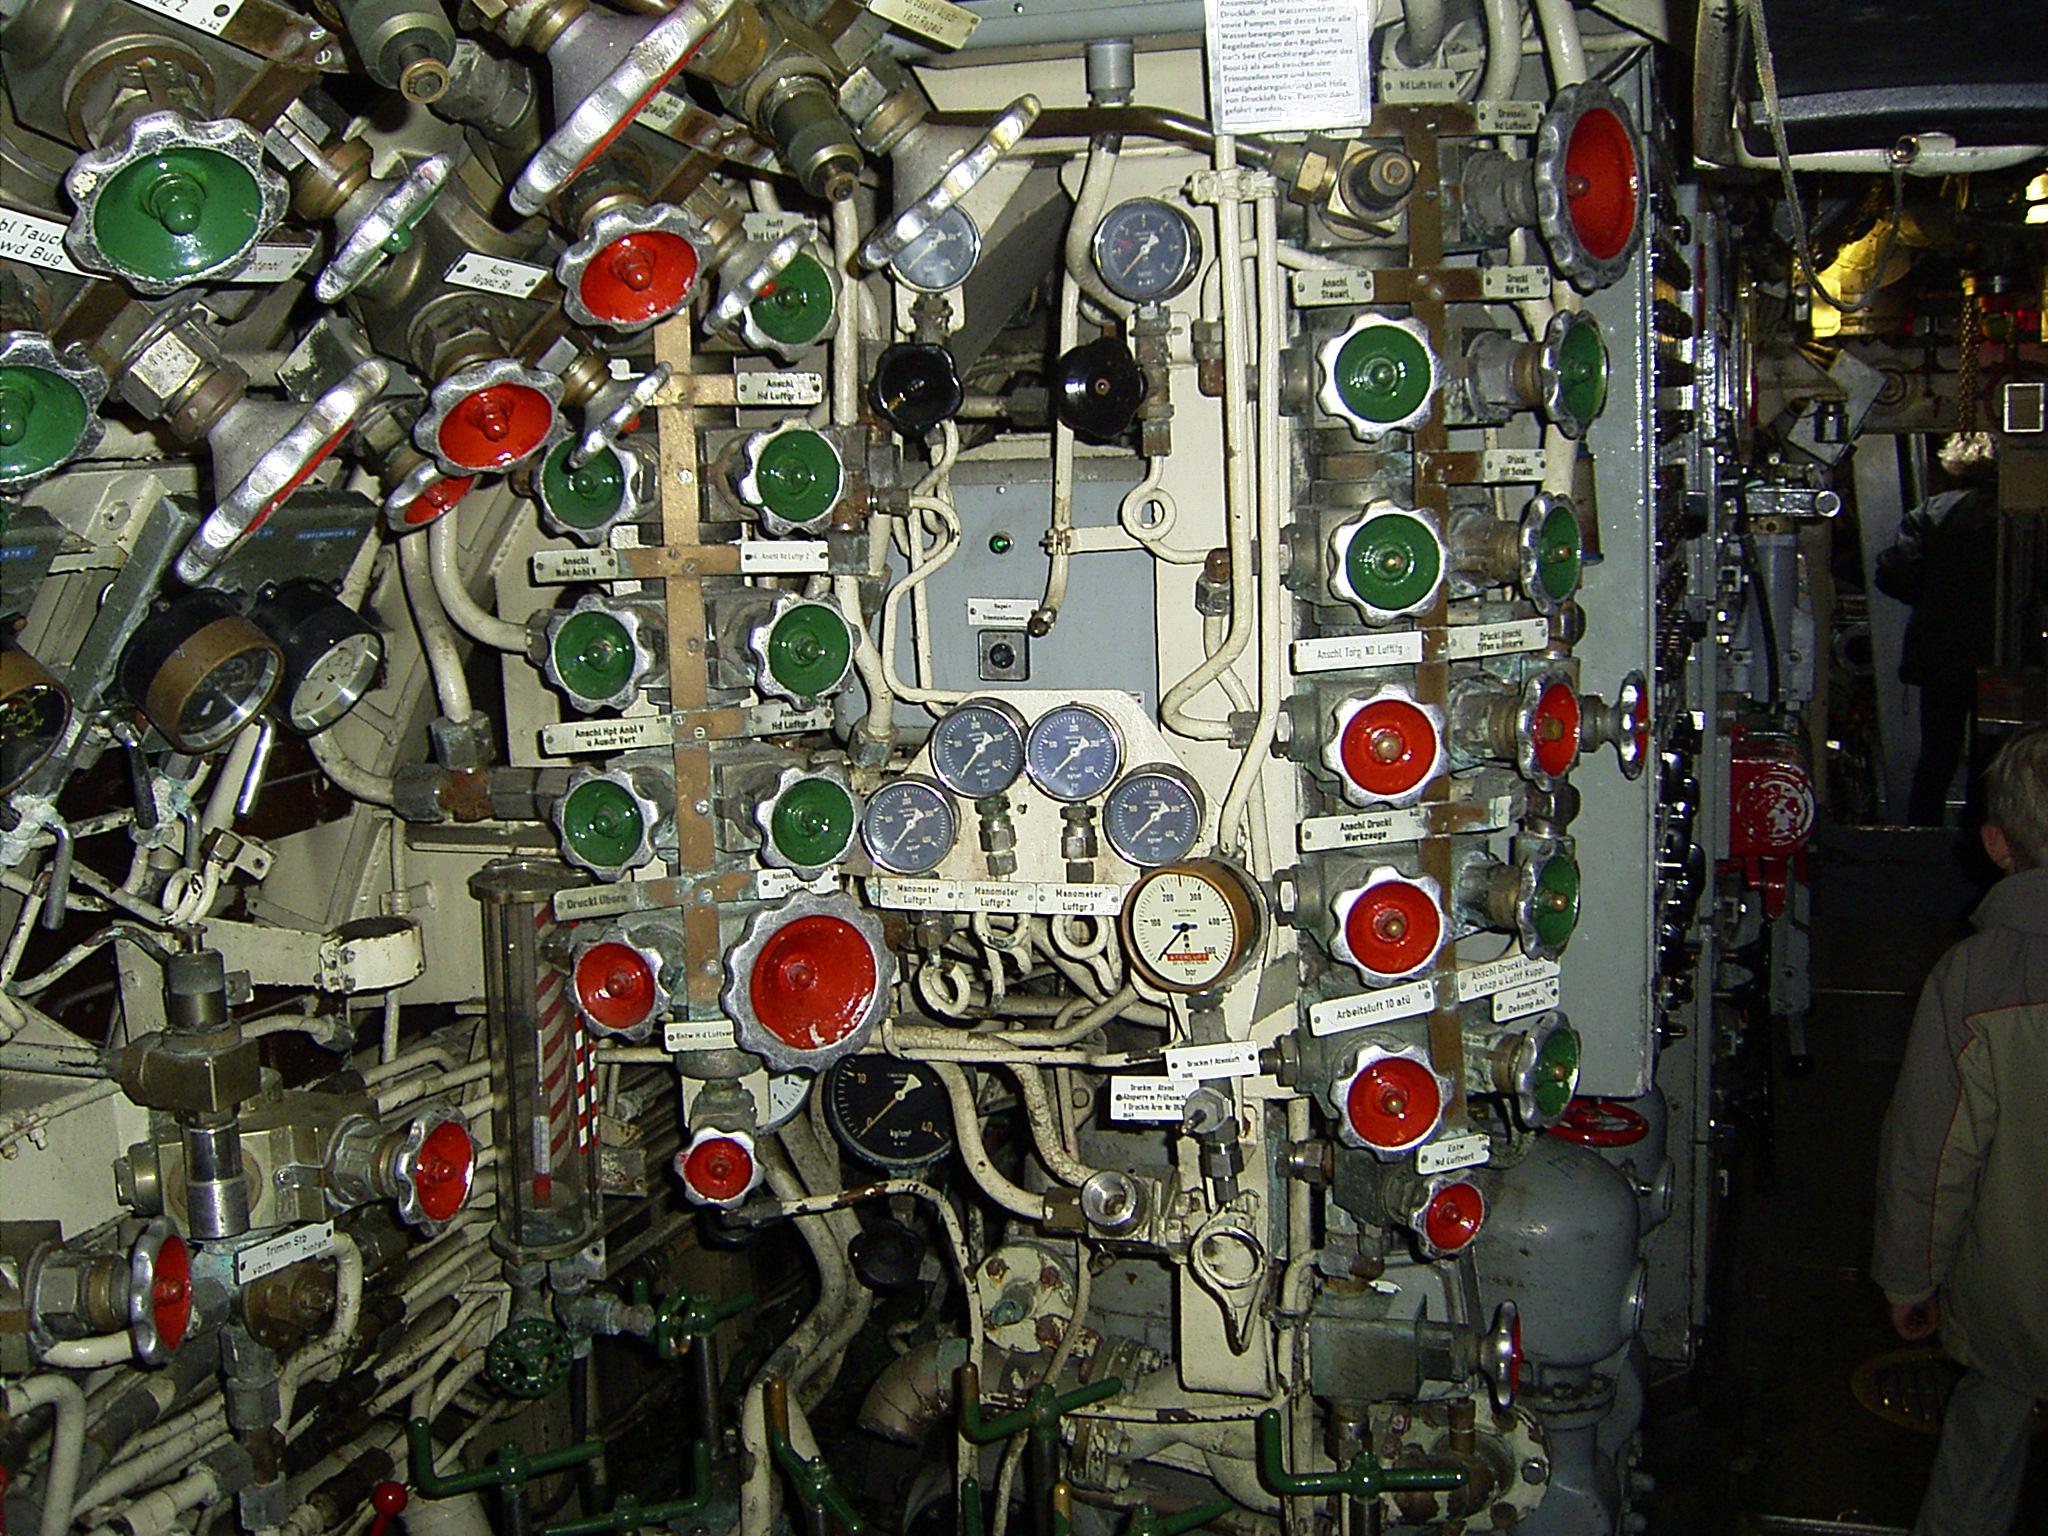 Druckluft-Regelventile eines deutschen U-Bootes der Klasse 205